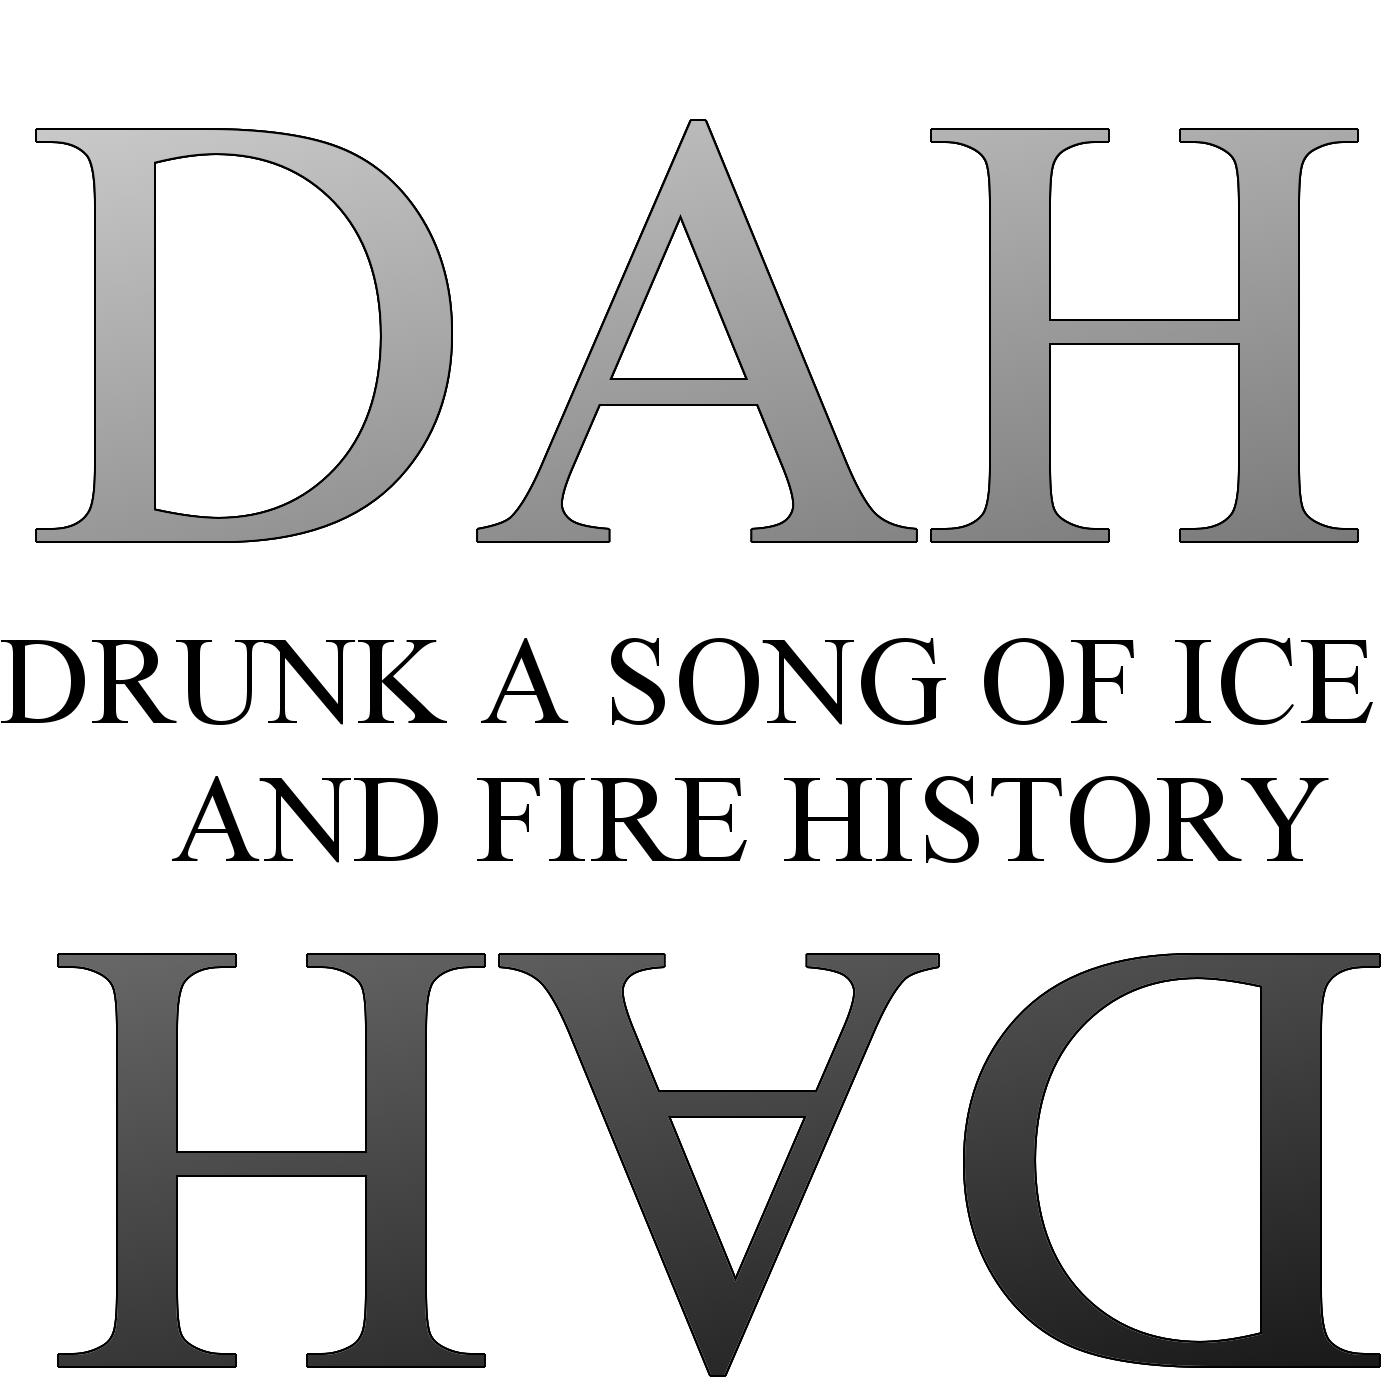 Drunk ASOIAF History